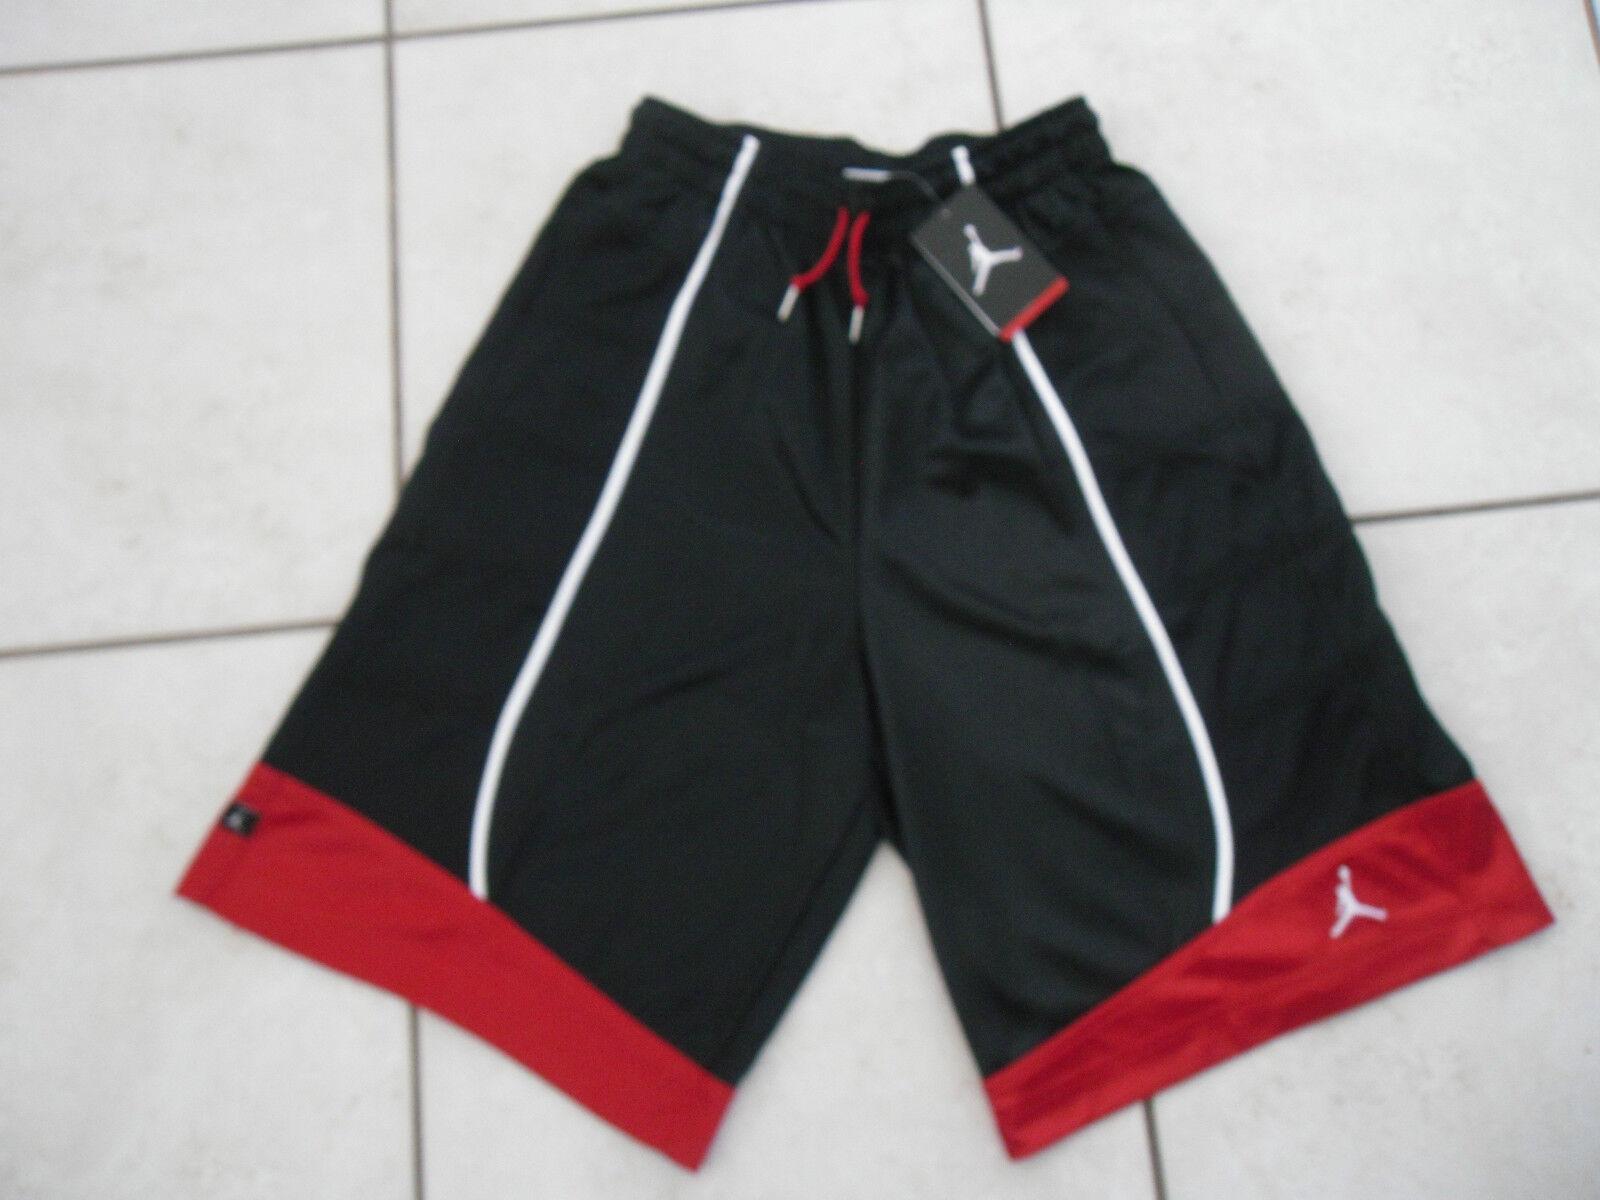 promo code 7a7cb f89e8 ... Brand-New-DS-Nike-Air-Jordan-Retro Picture 1 of 2 .